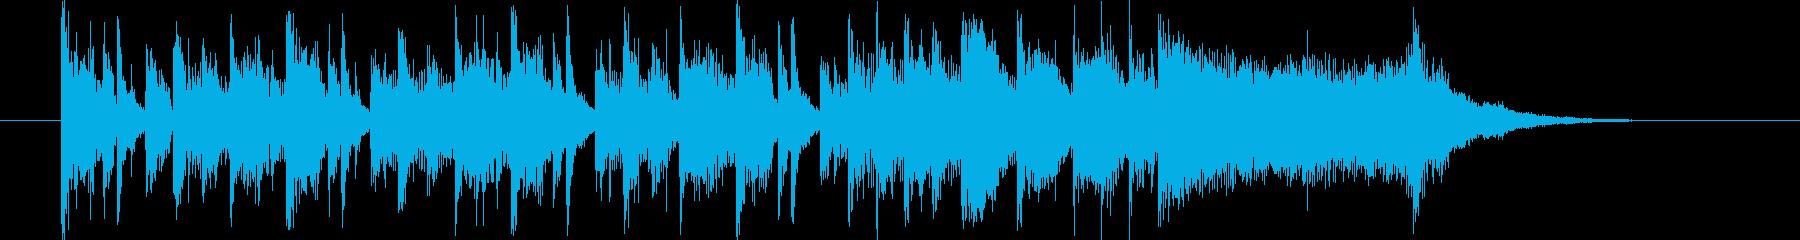 軽やかで爽やかなシンセサイザーサウンドの再生済みの波形